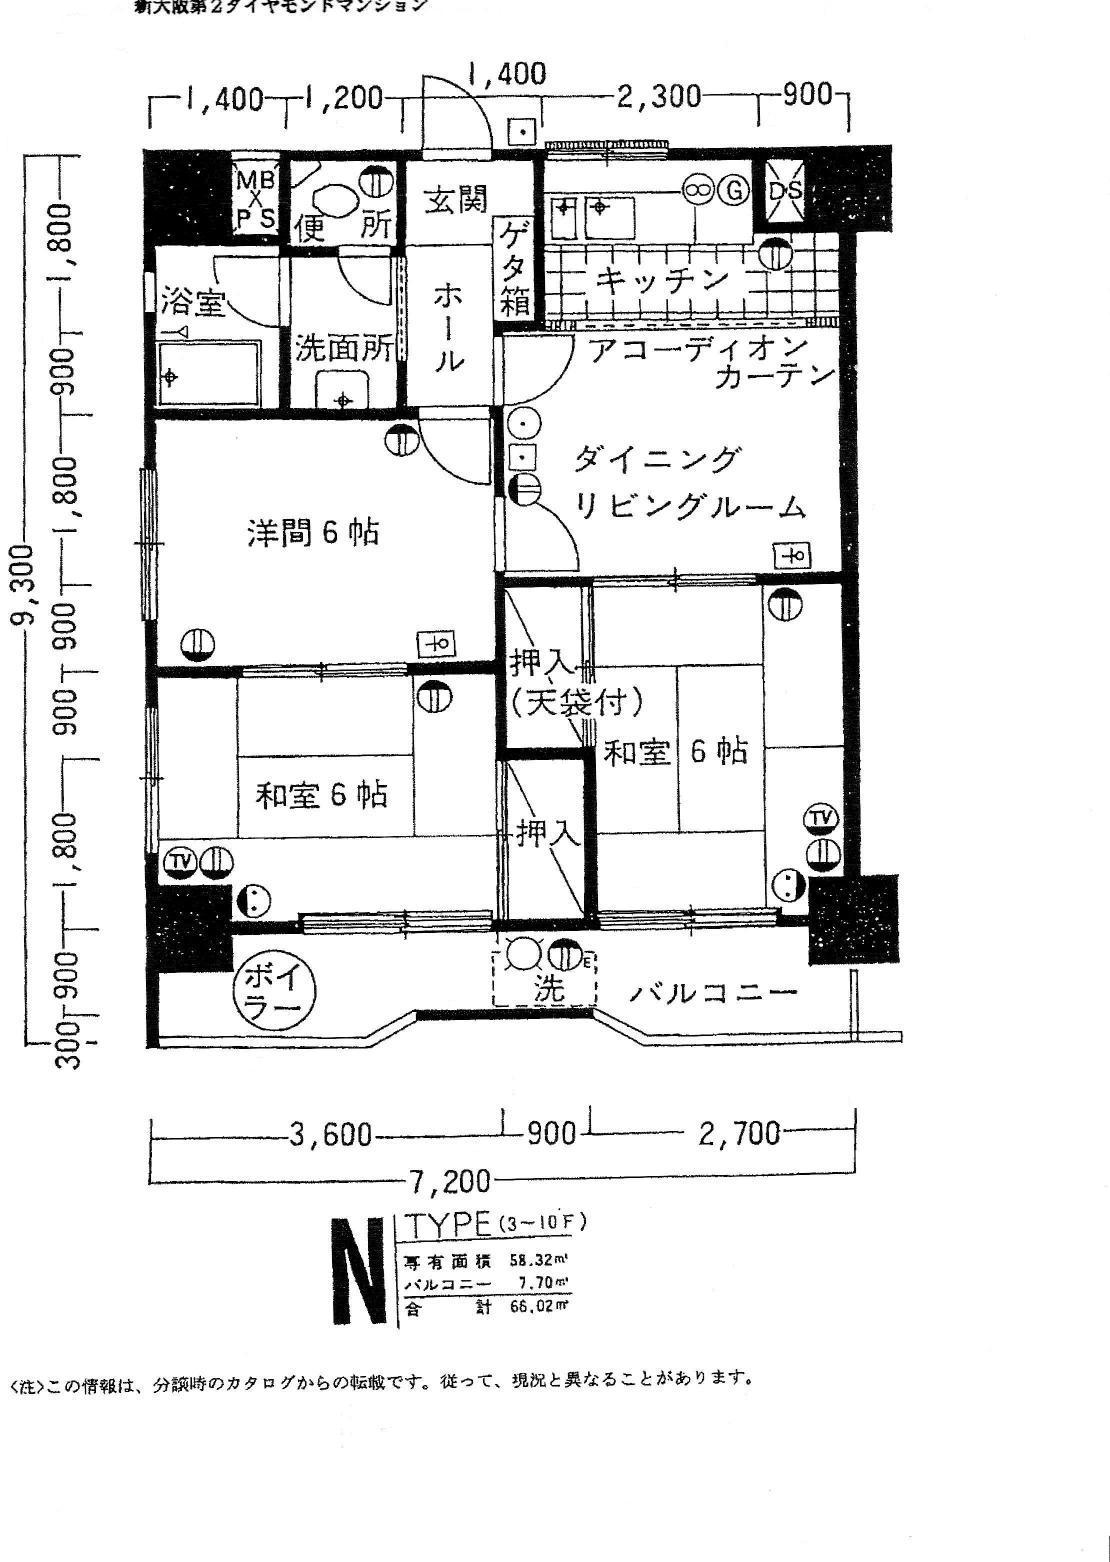 リユース物件 新大阪第2ダイヤモンドマンション販売開始!!_b0121630_17123482.jpg